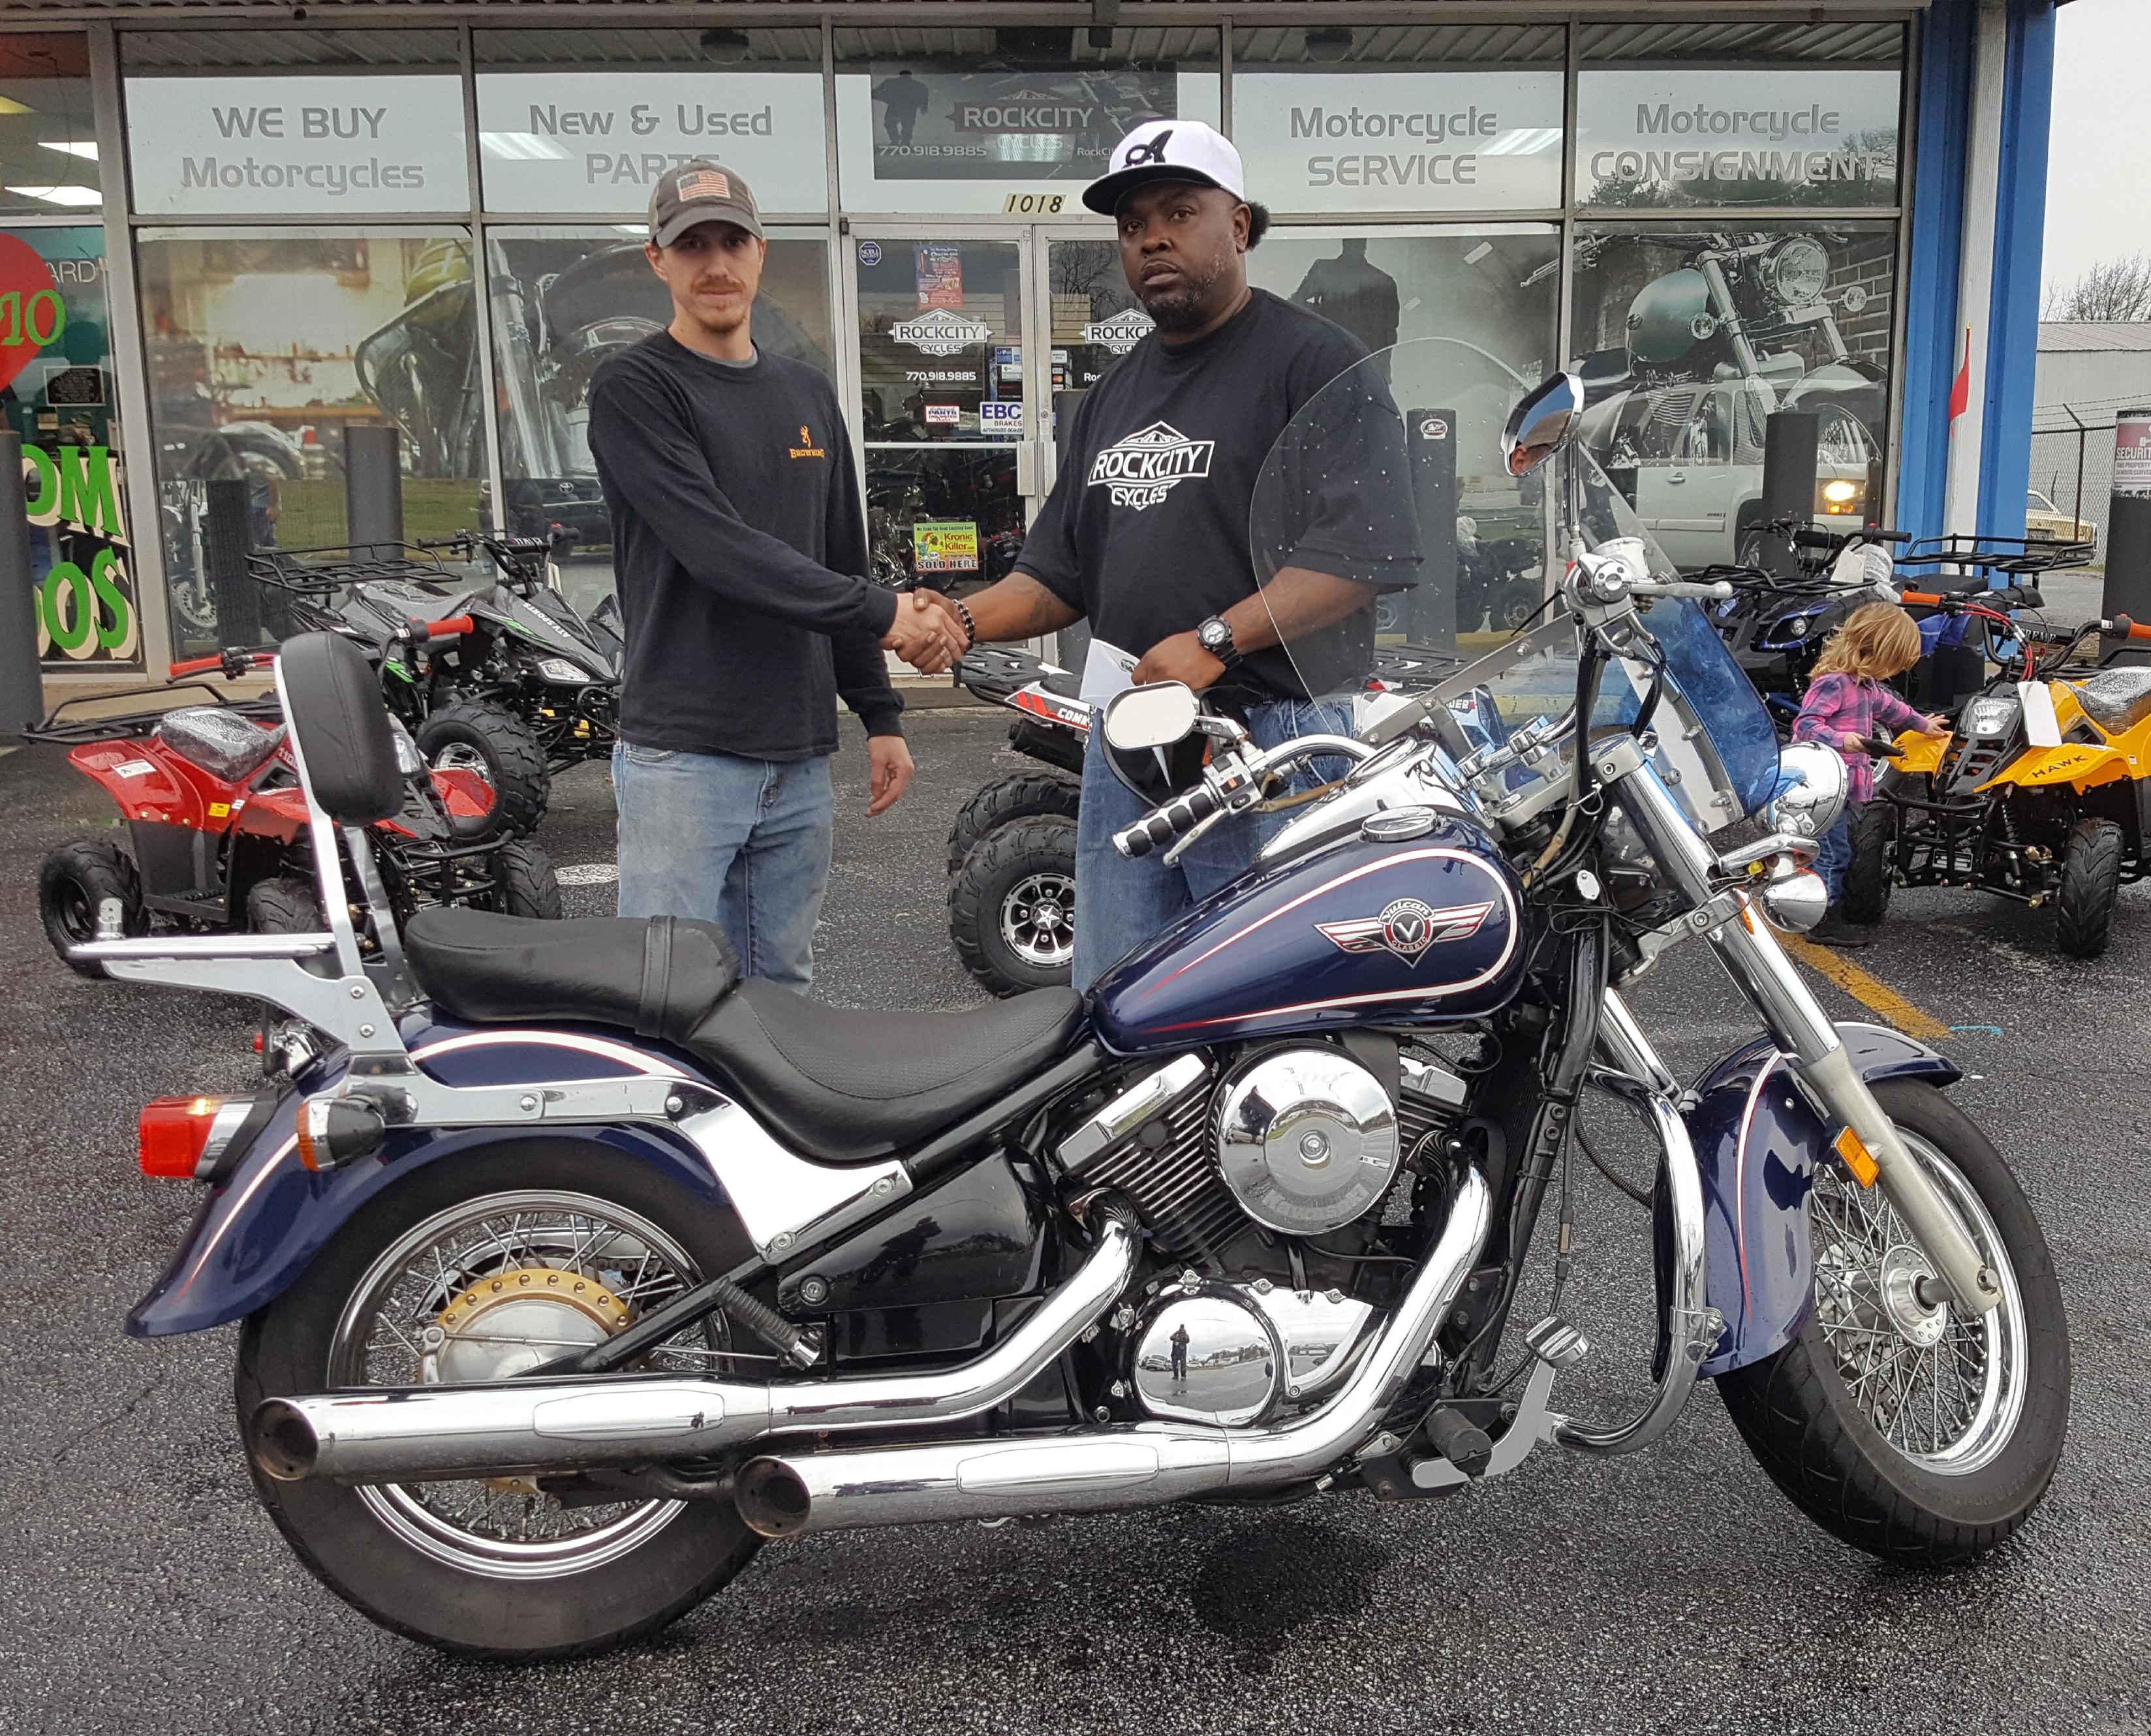 Cory C. with his 2001 Kawasaki Vulcan VN800